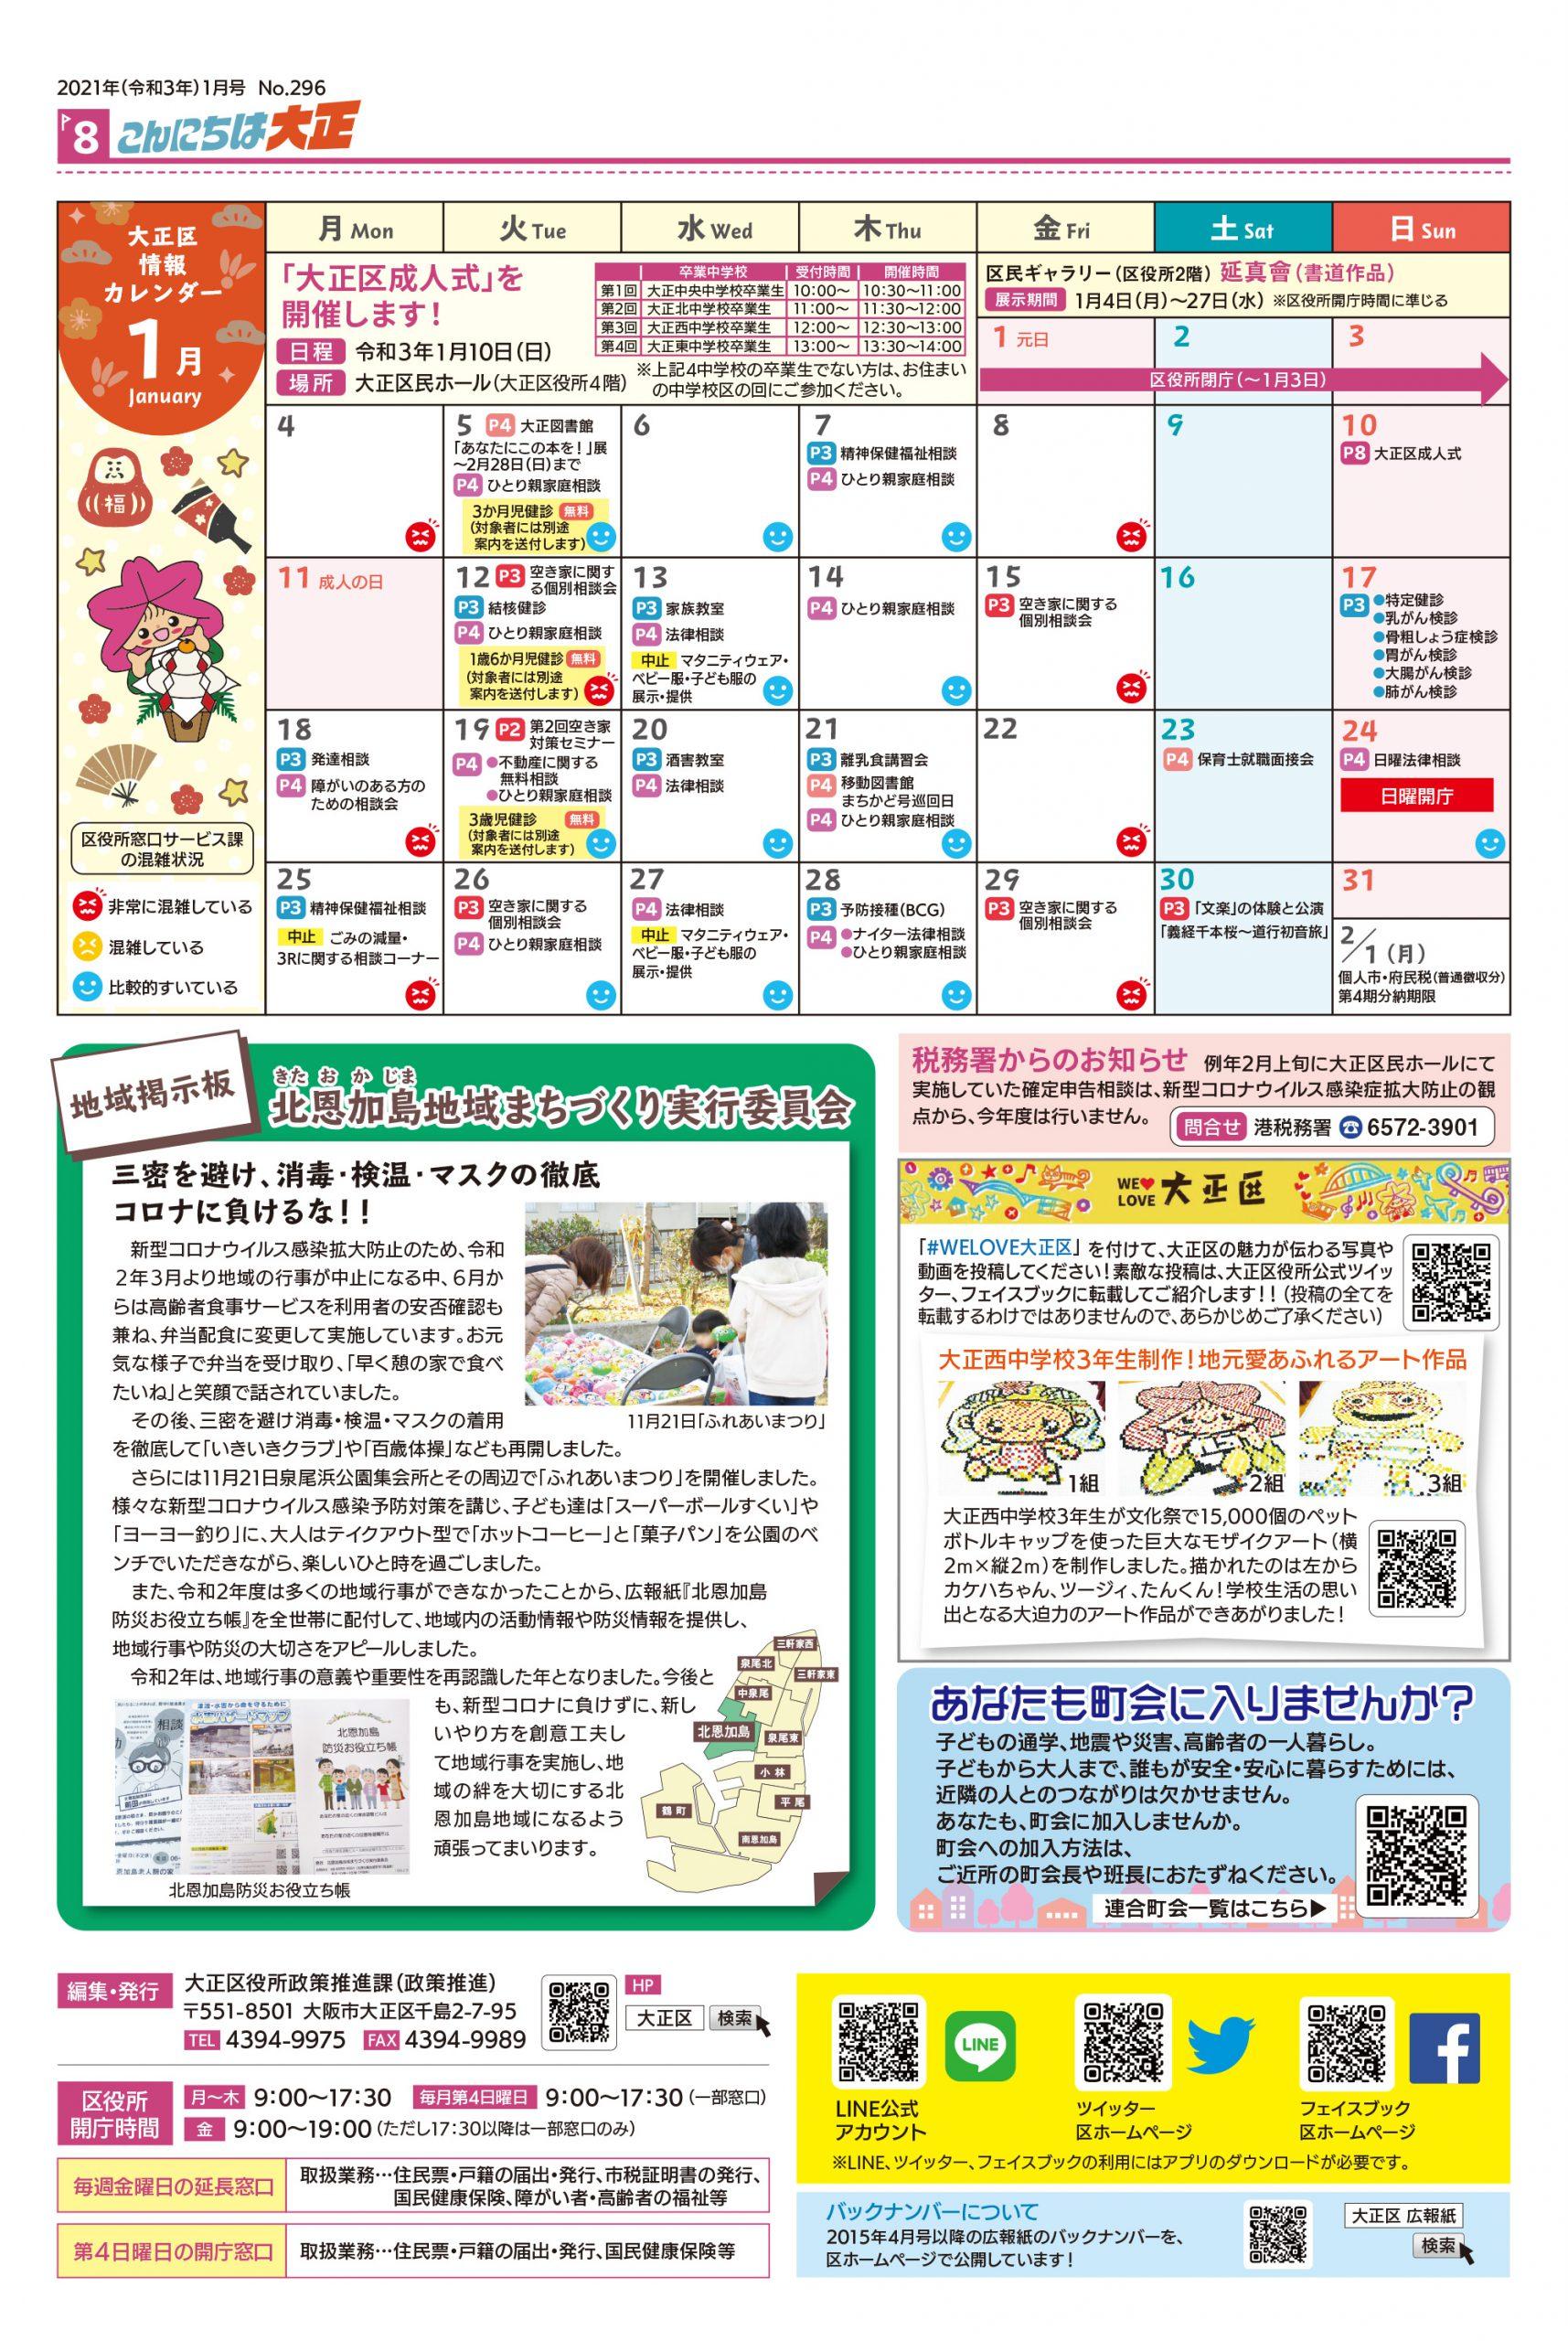 こんにちは大正1月号|2021.1 もと水景施設オープニングセレモニー(大阪市大正区)